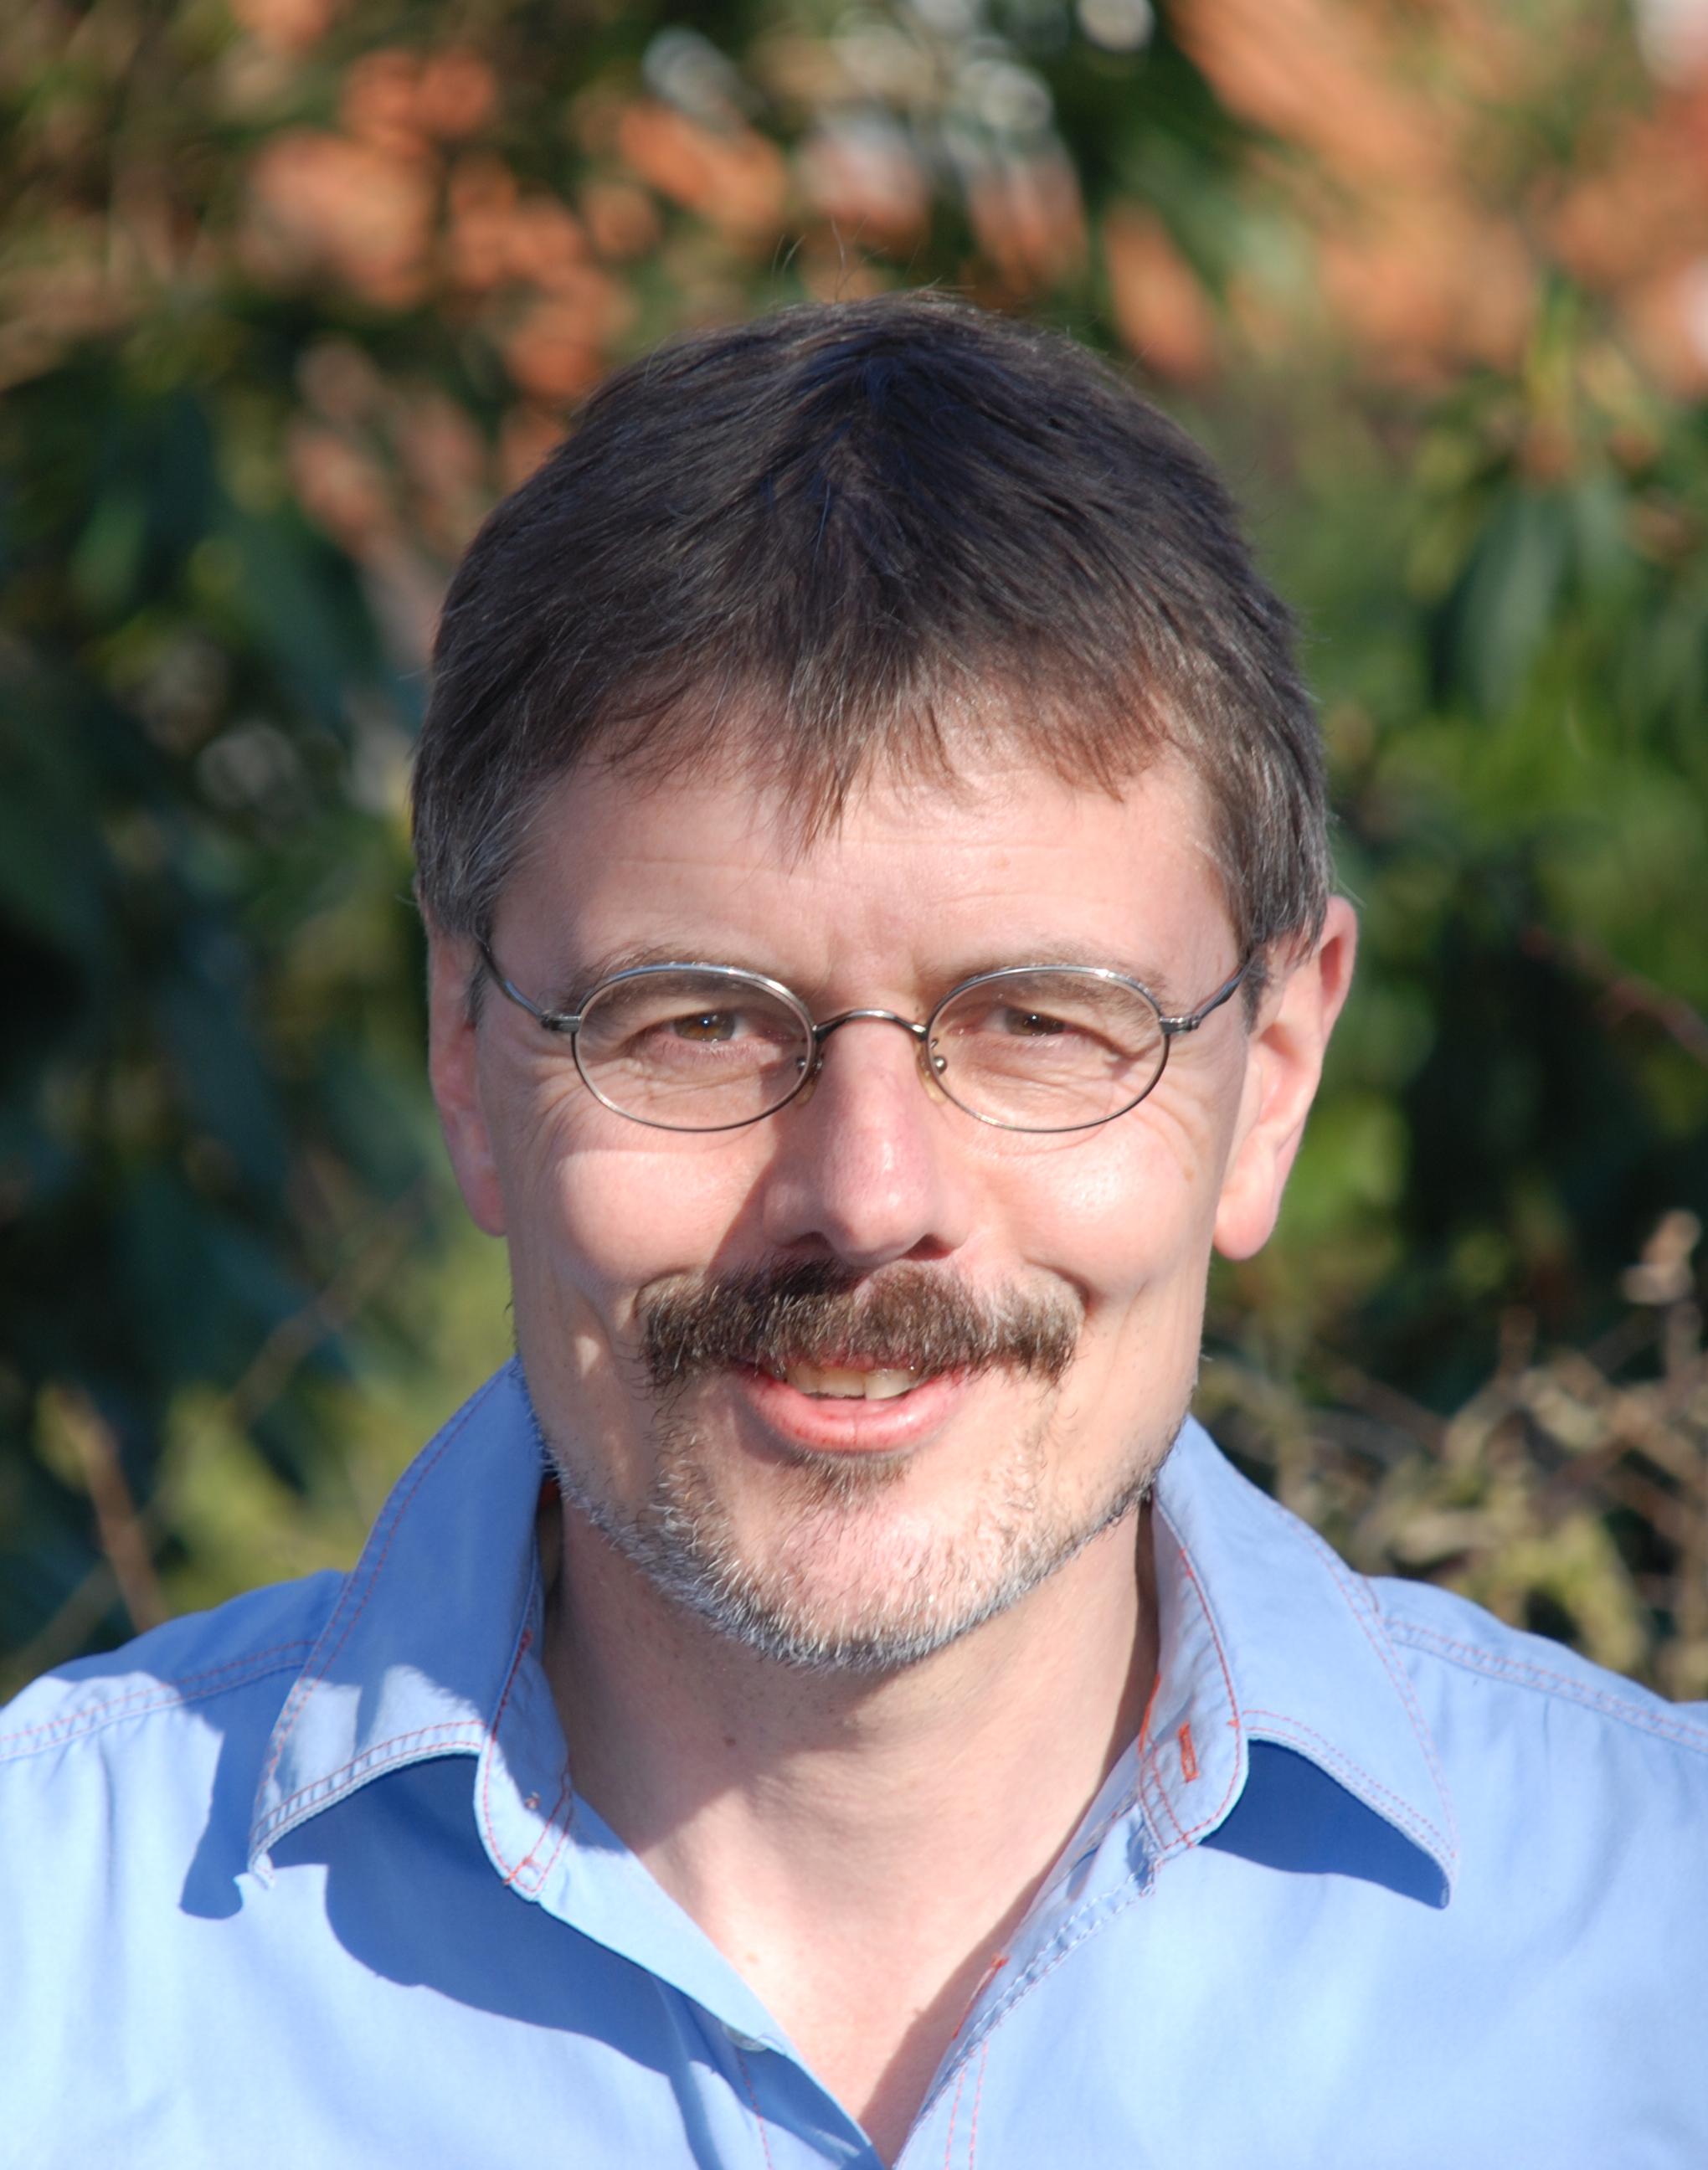 Dr. Andreas Eiynck